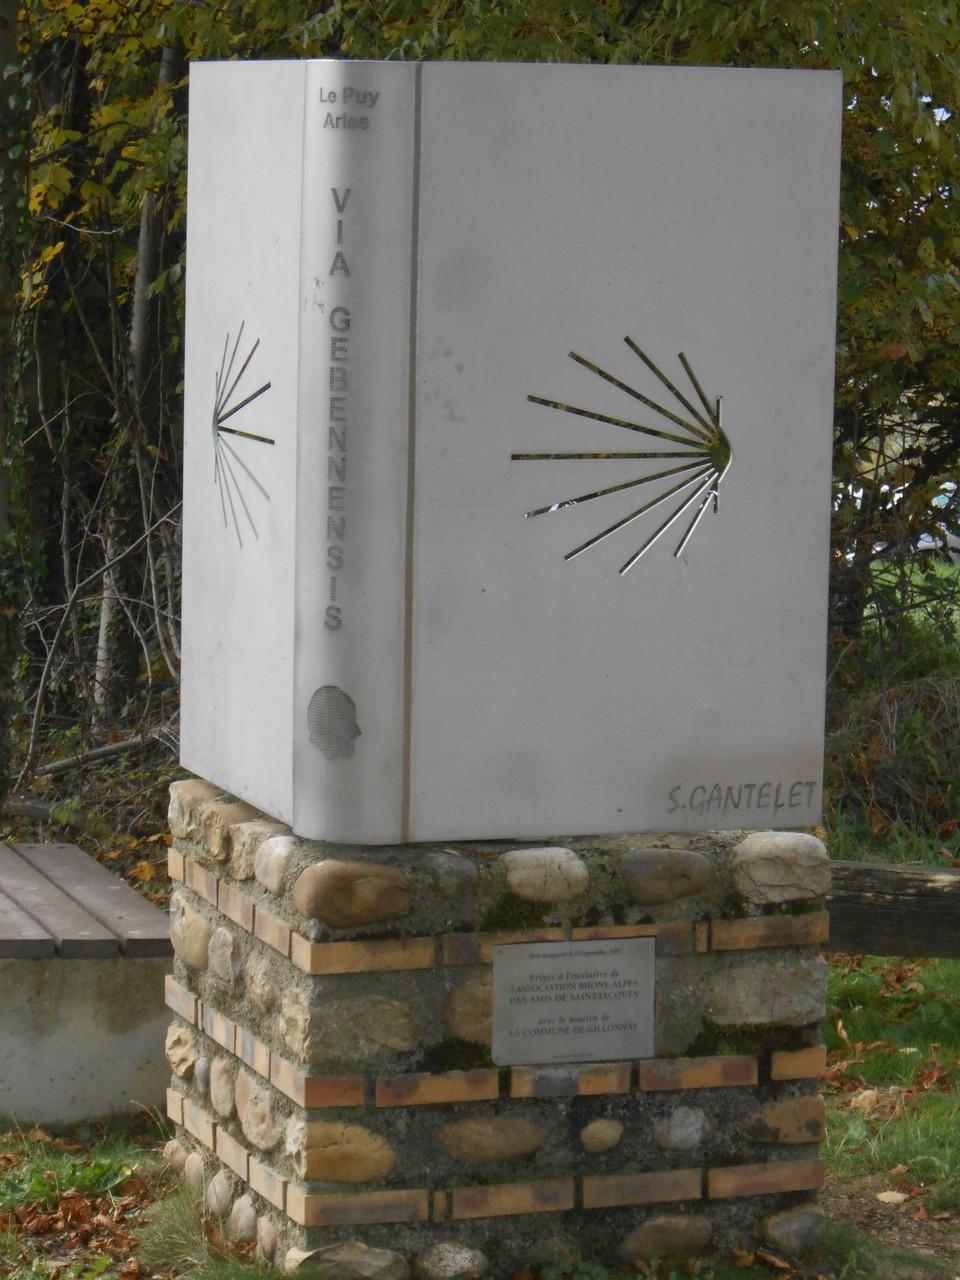 Chemin de St Jacques de Compostelle Via Gebbennensis: Le Puy ou Arles?